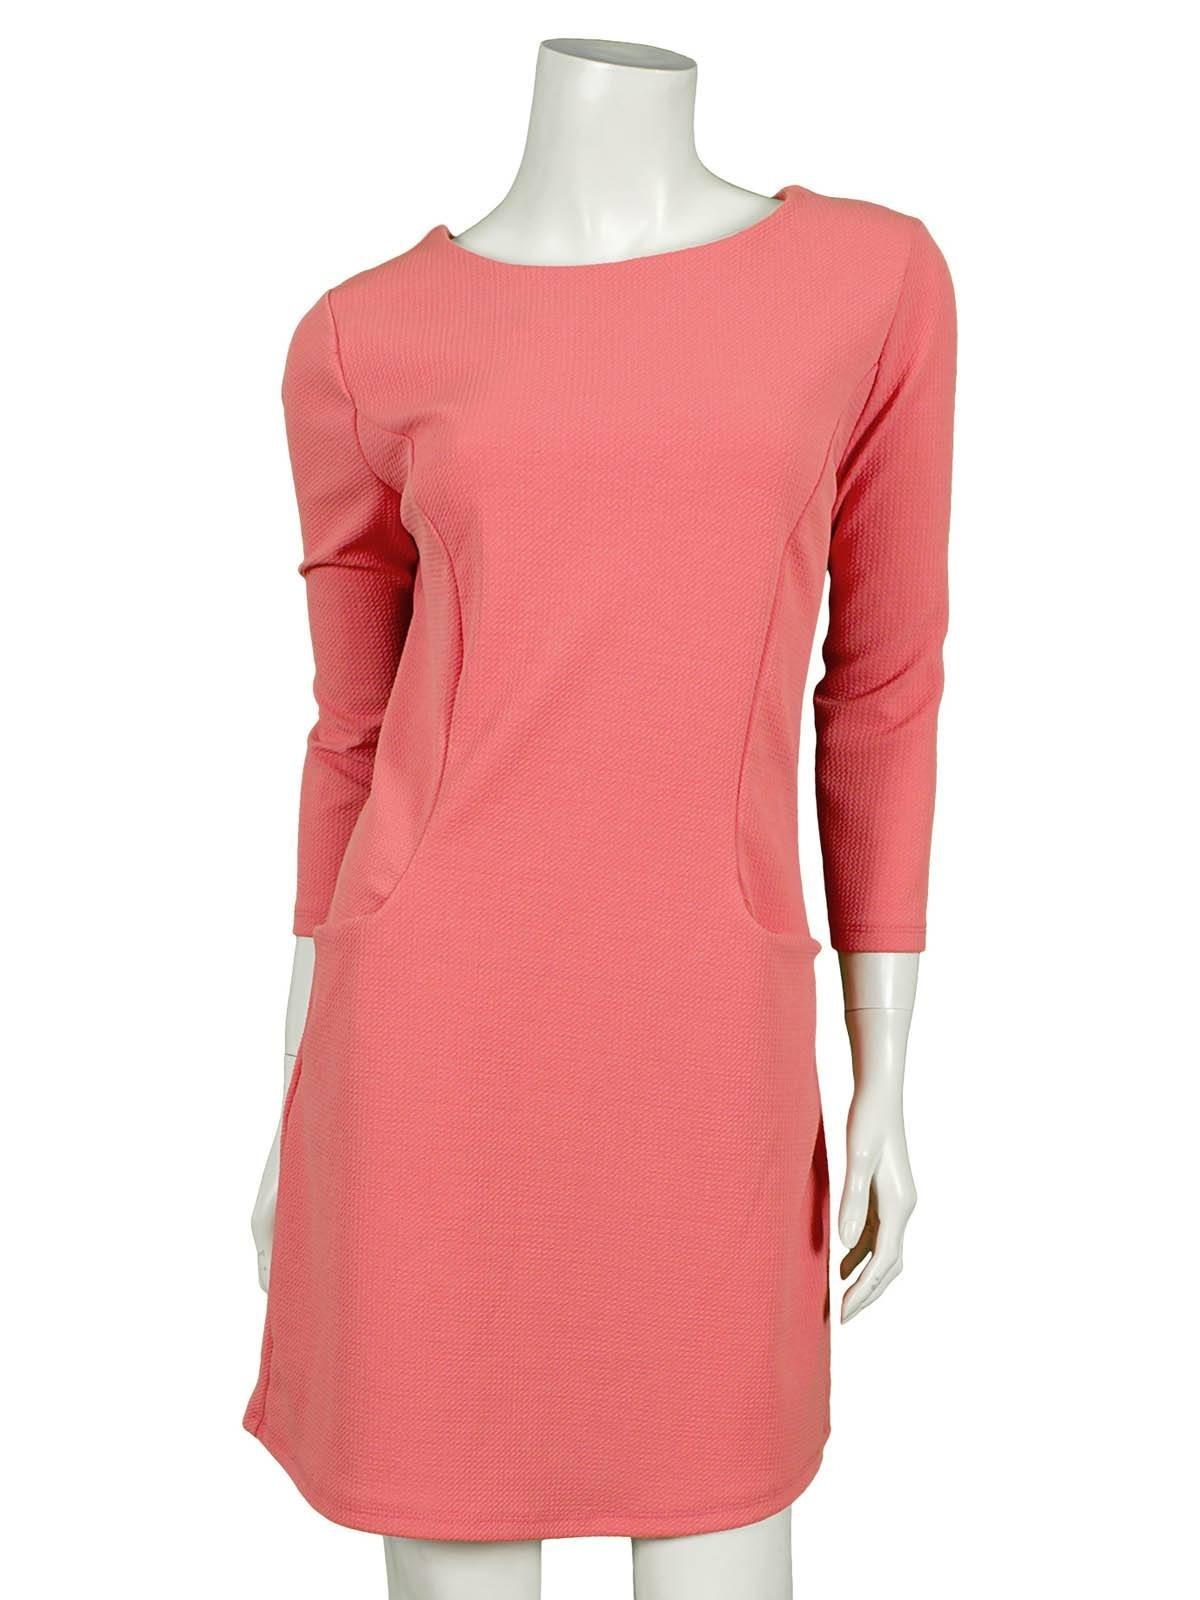 Abend Schön Kleid Koralle DesignAbend Erstaunlich Kleid Koralle Design